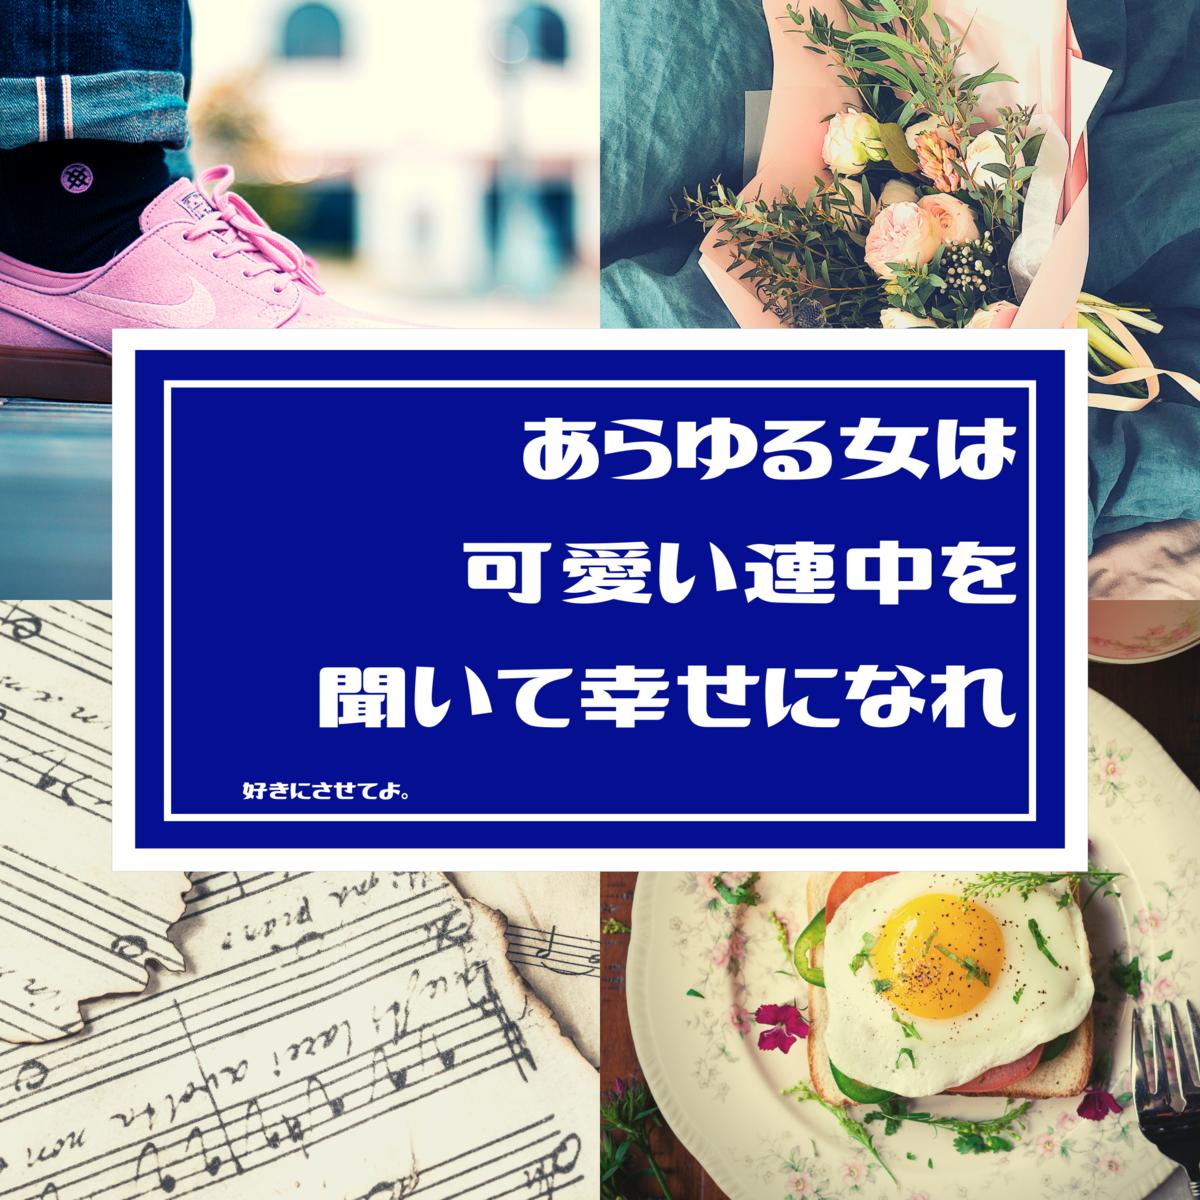 f:id:tsukino25:20200117071254p:plain